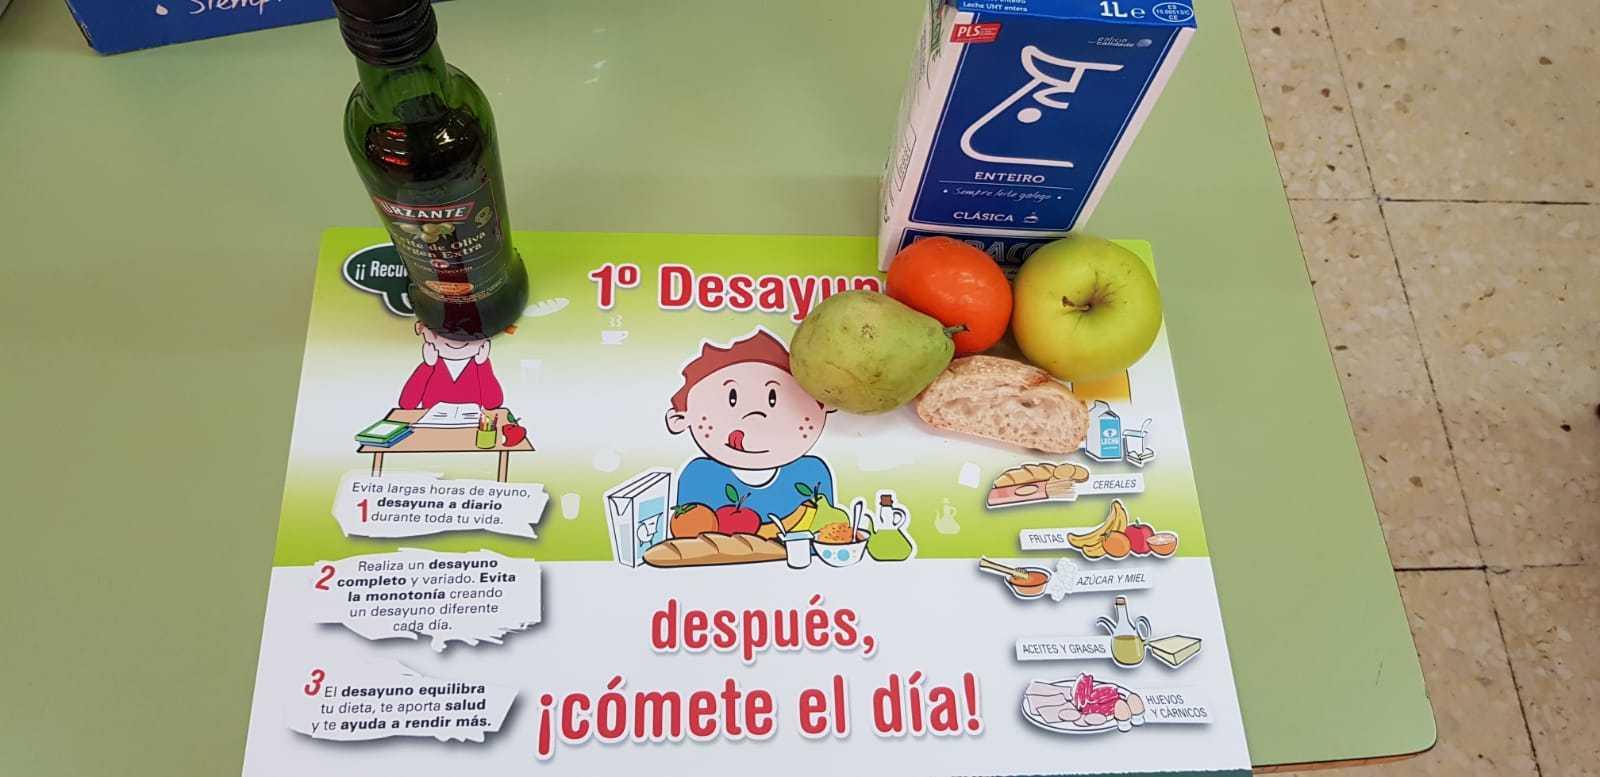 Desayuno saludable 5